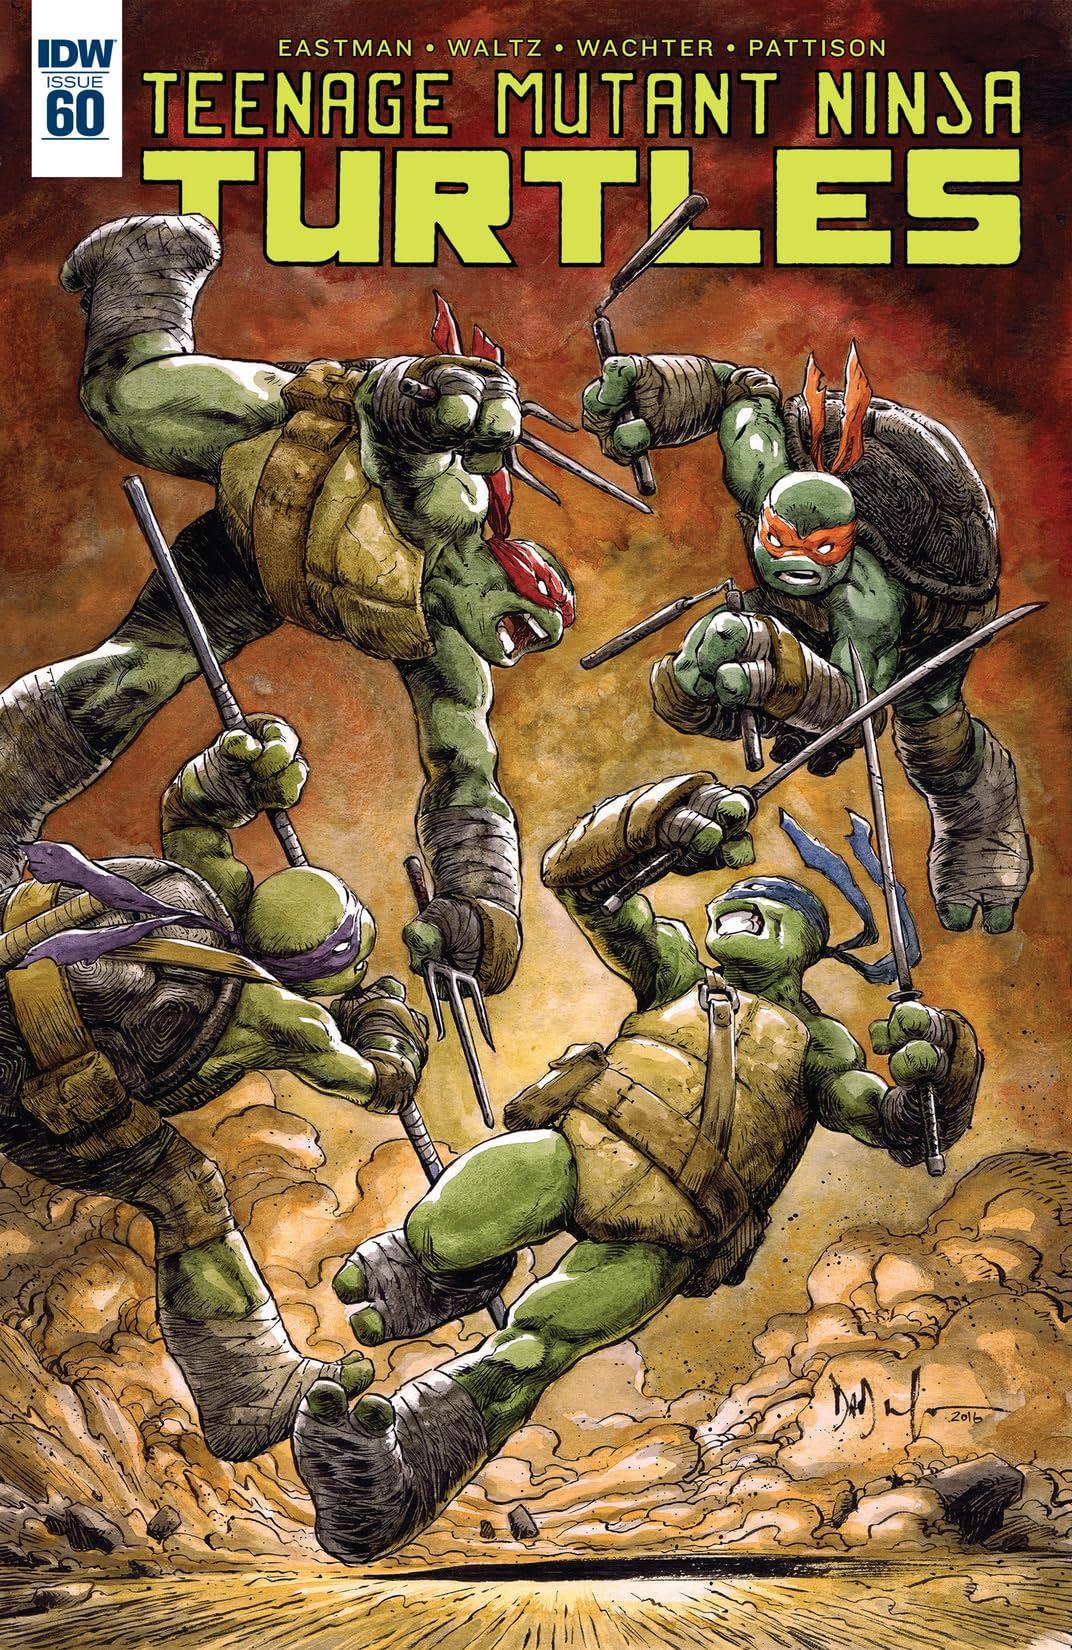 Teenage Mutant Ninja Turtles No.60